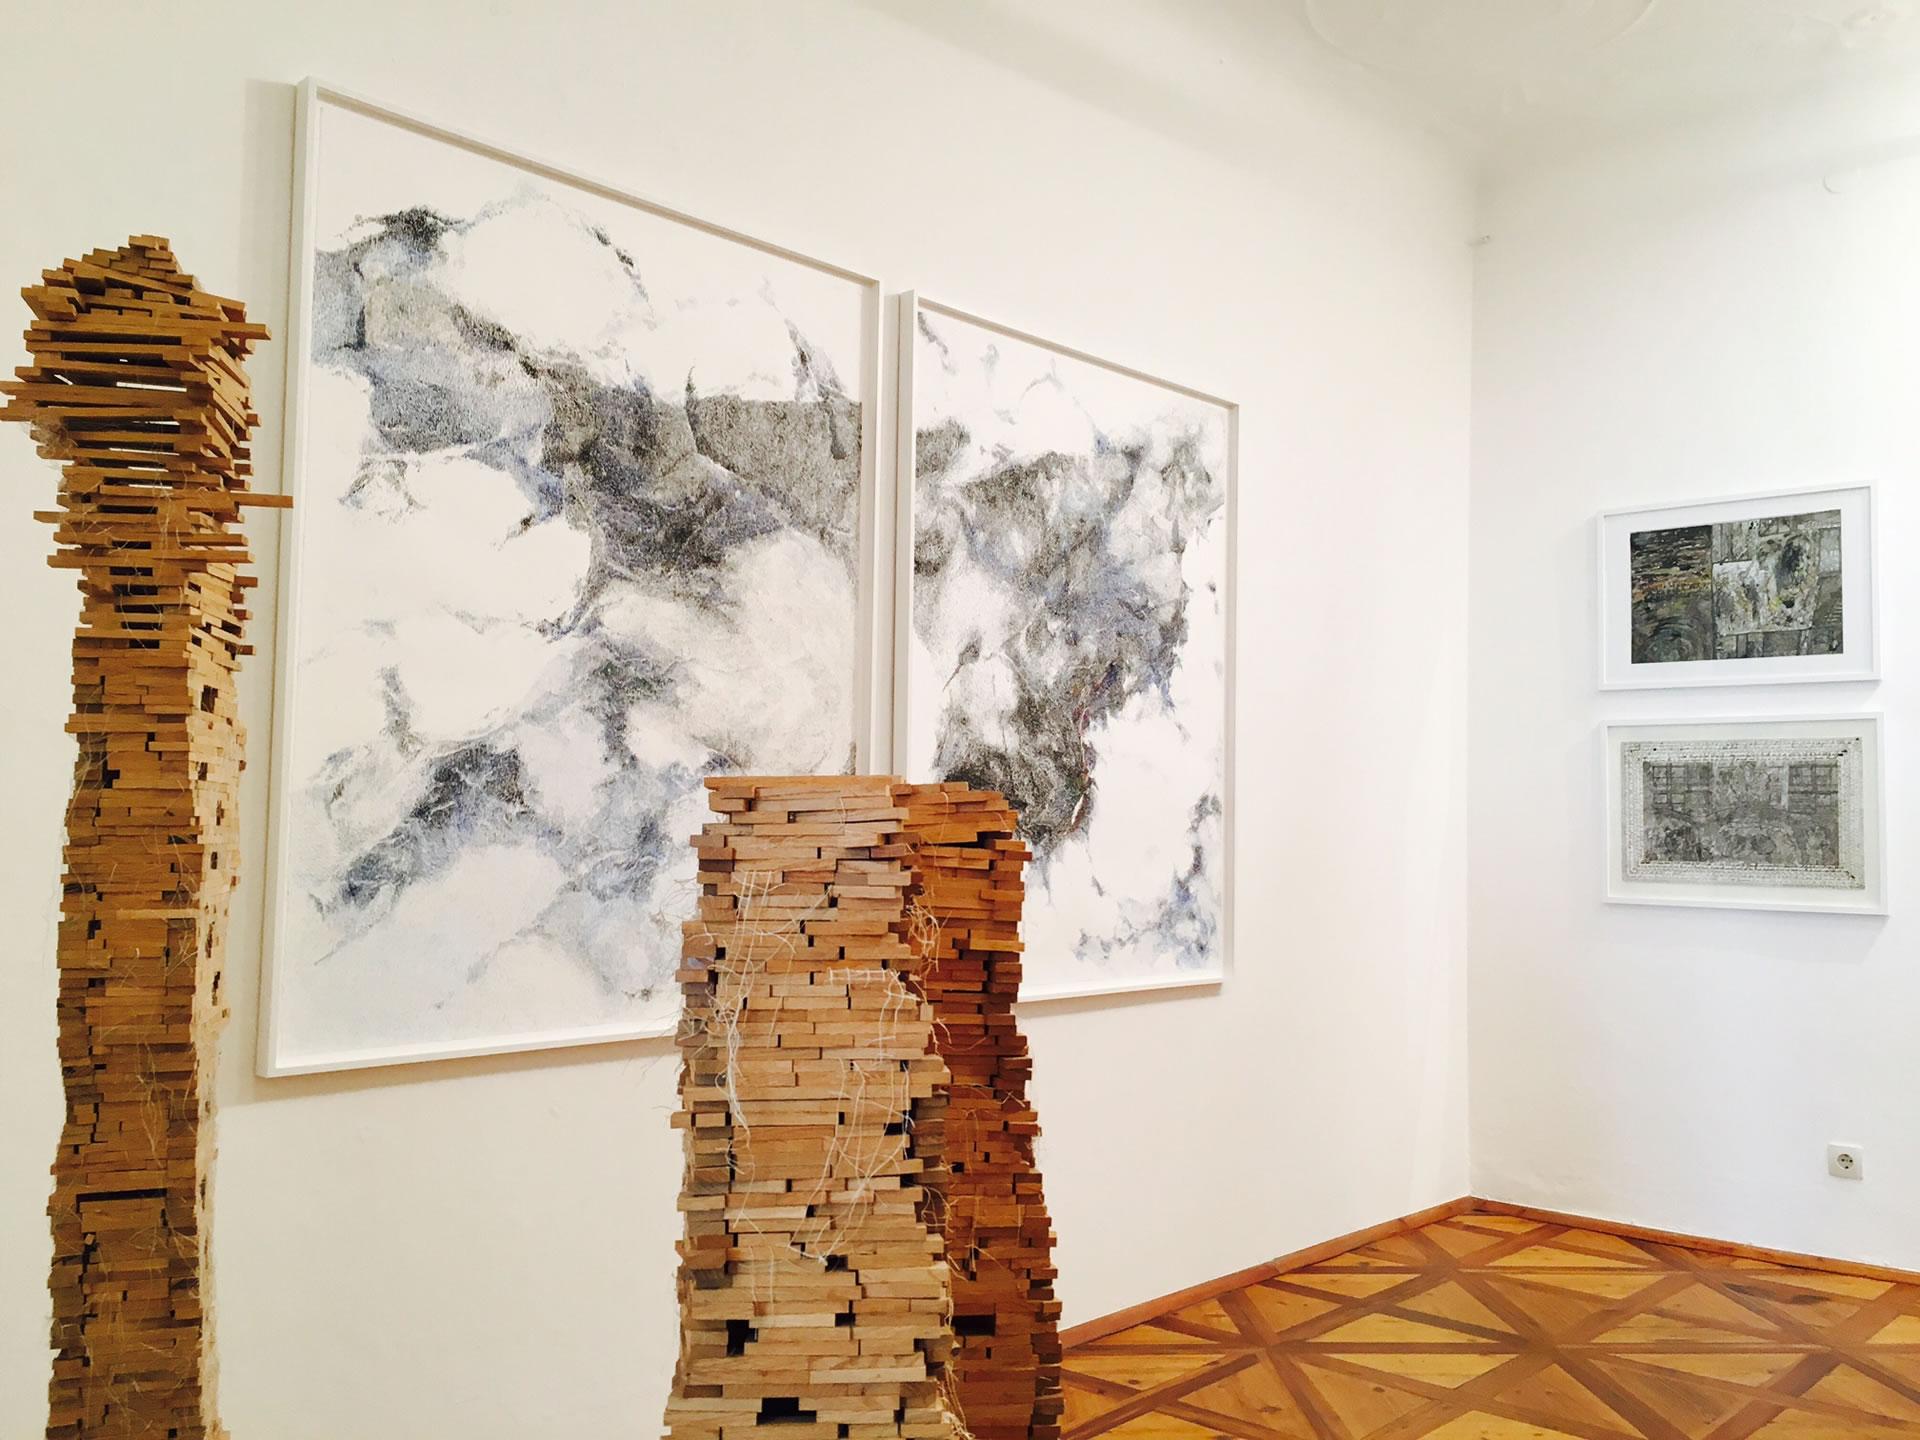 Galerie3 | Kopfkino | 04 | Josef Landl | Linda Berger | Peter Kapeller